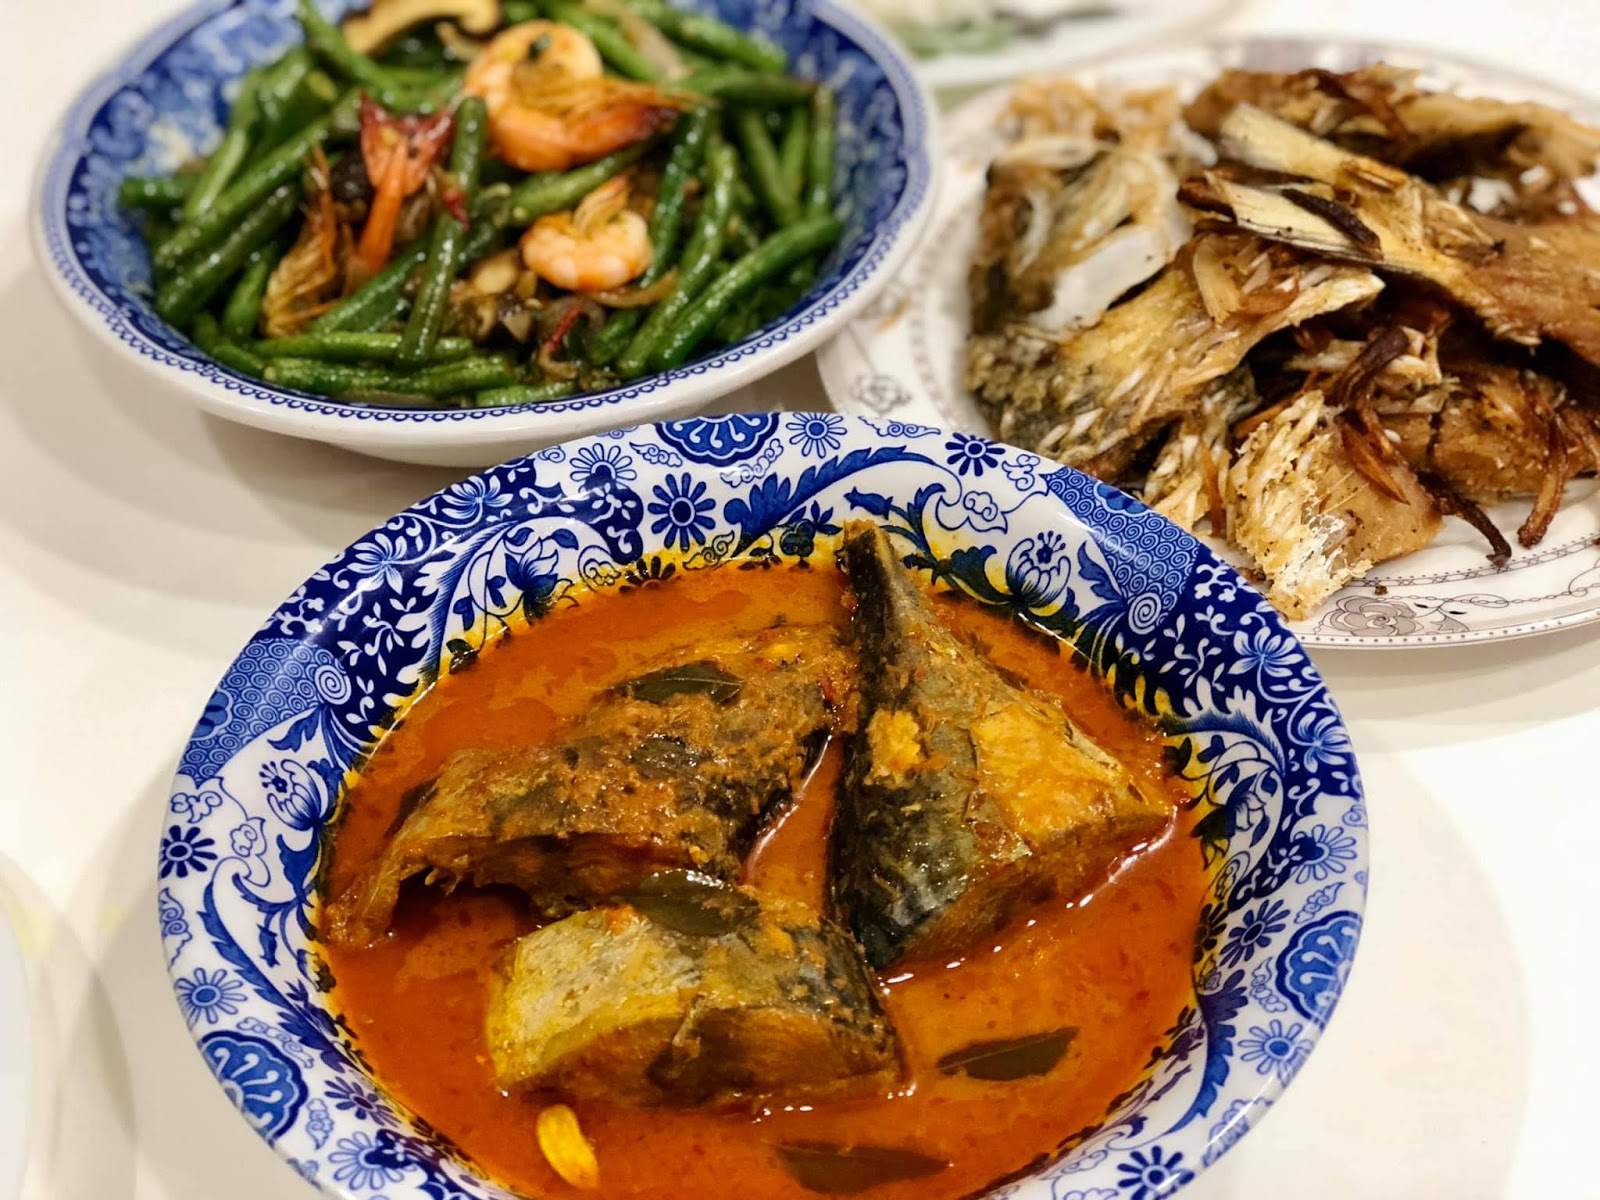 resepi ikan pari masak kari sedap resep bunda erita Resepi Ikan Pari Bakar Melaka Enak dan Mudah